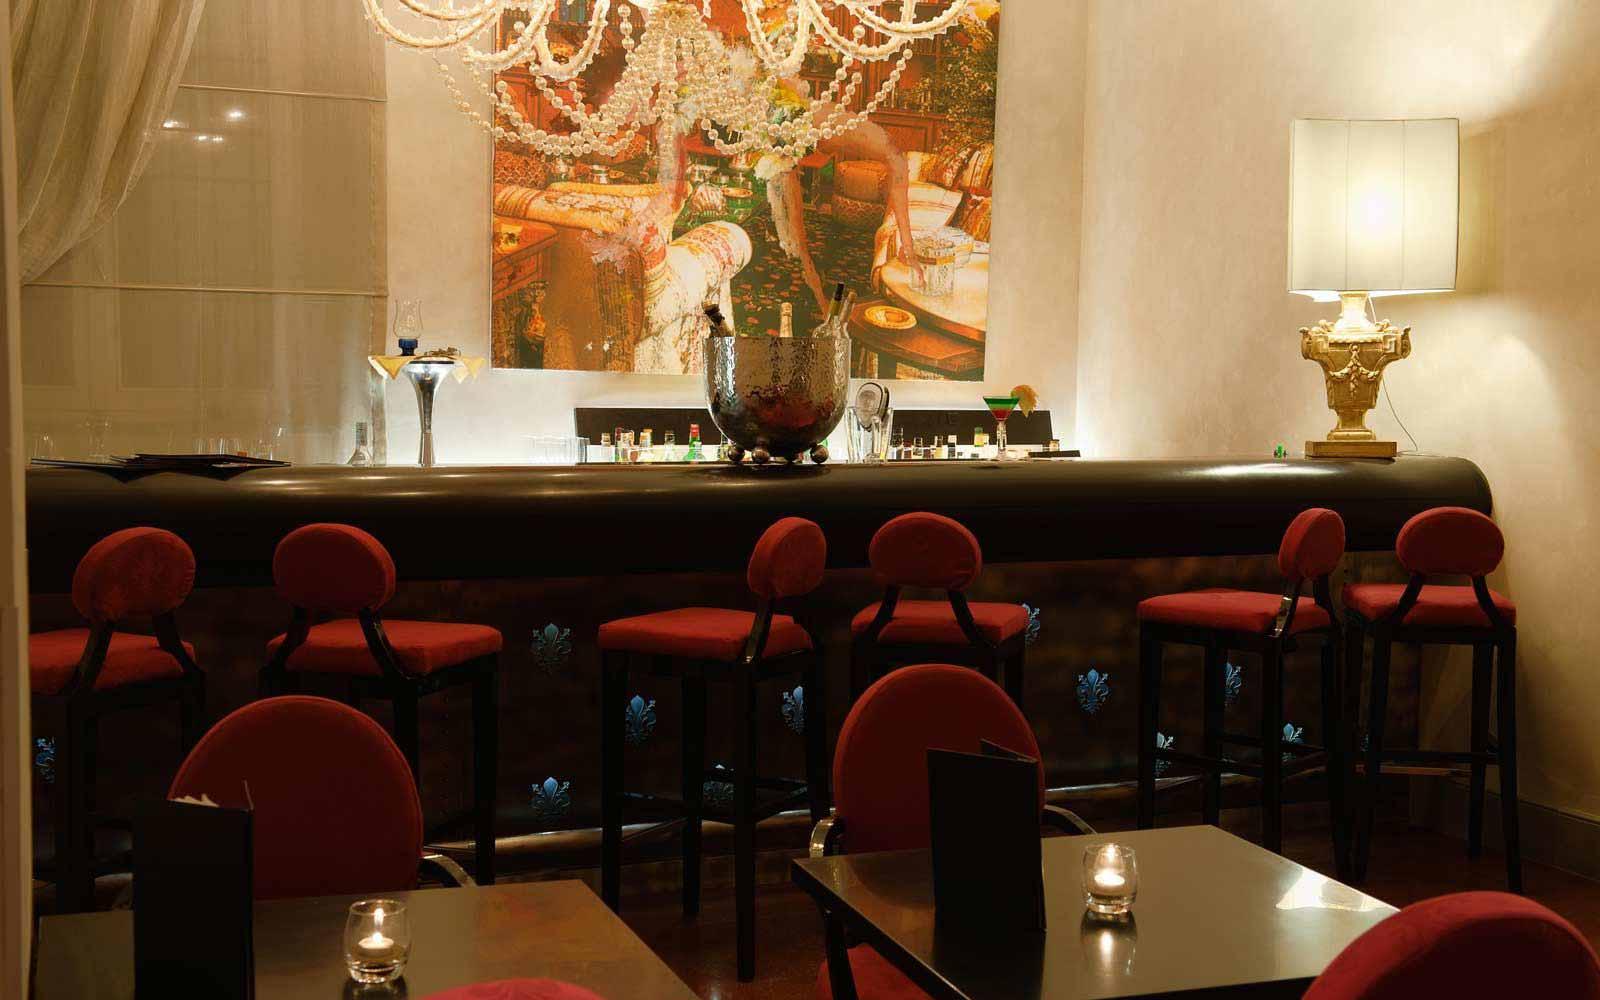 Tower bar at Hotel Brunelleschi